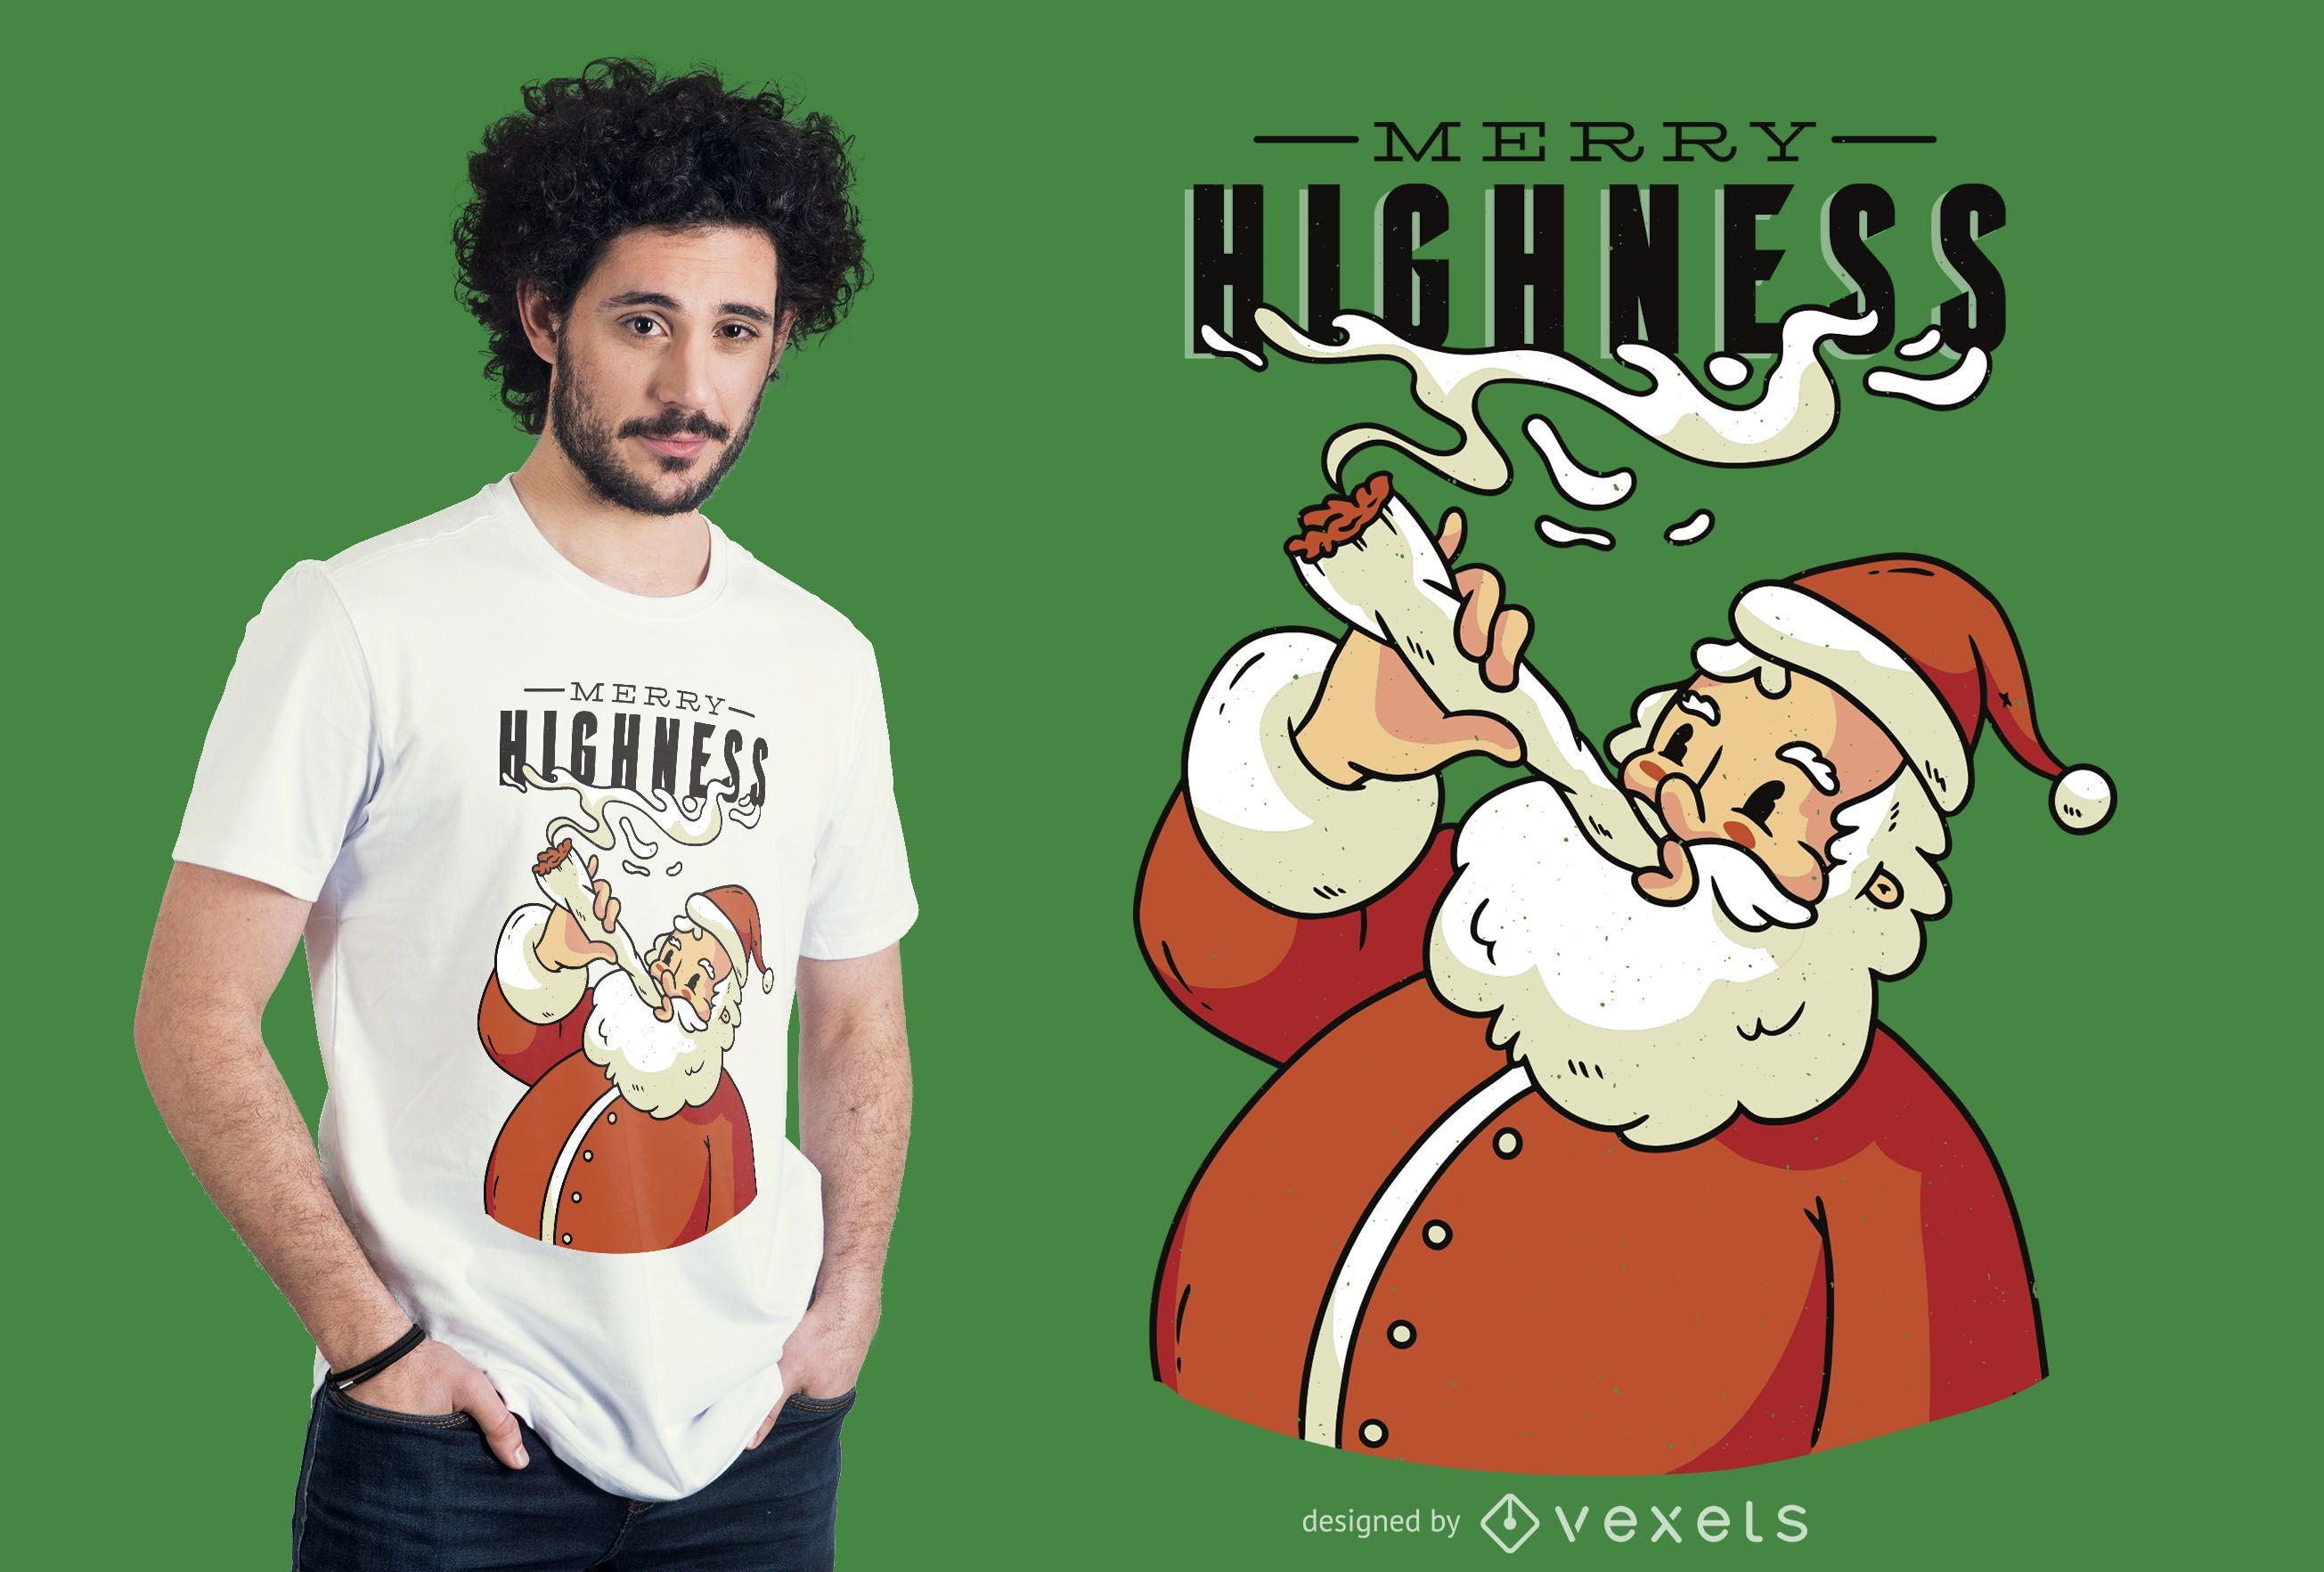 Merry highness t-shirt design